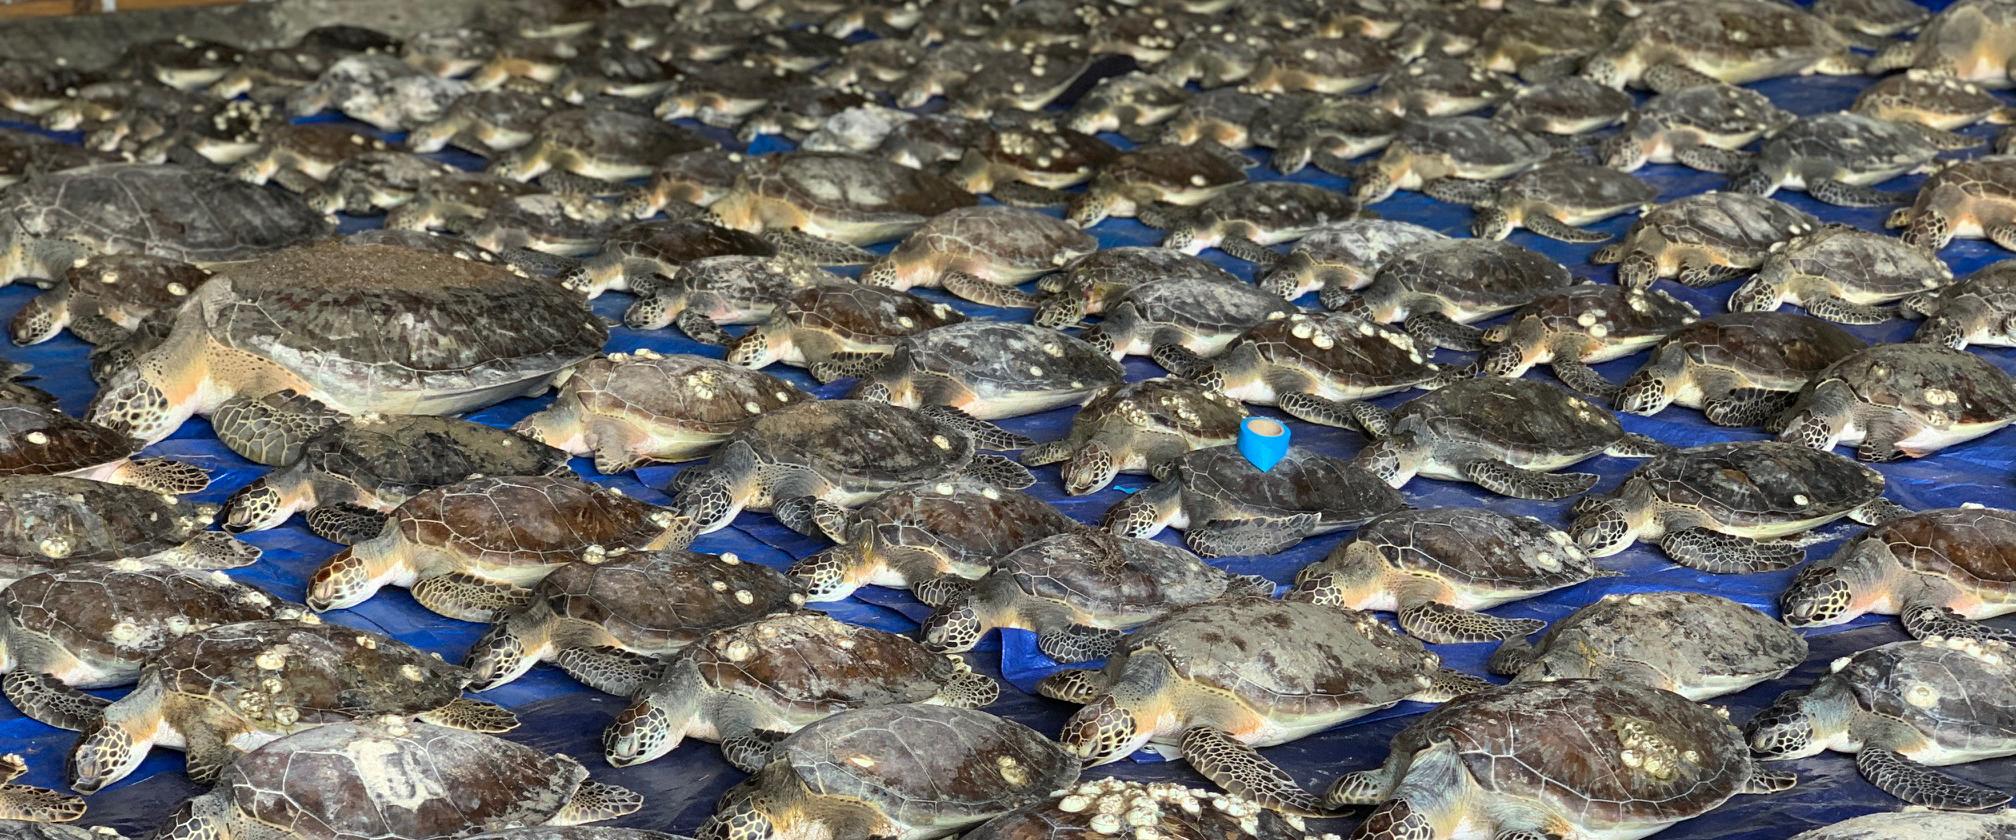 Deepwater Horizon Funding Helps Save Sea Turtles in Texas